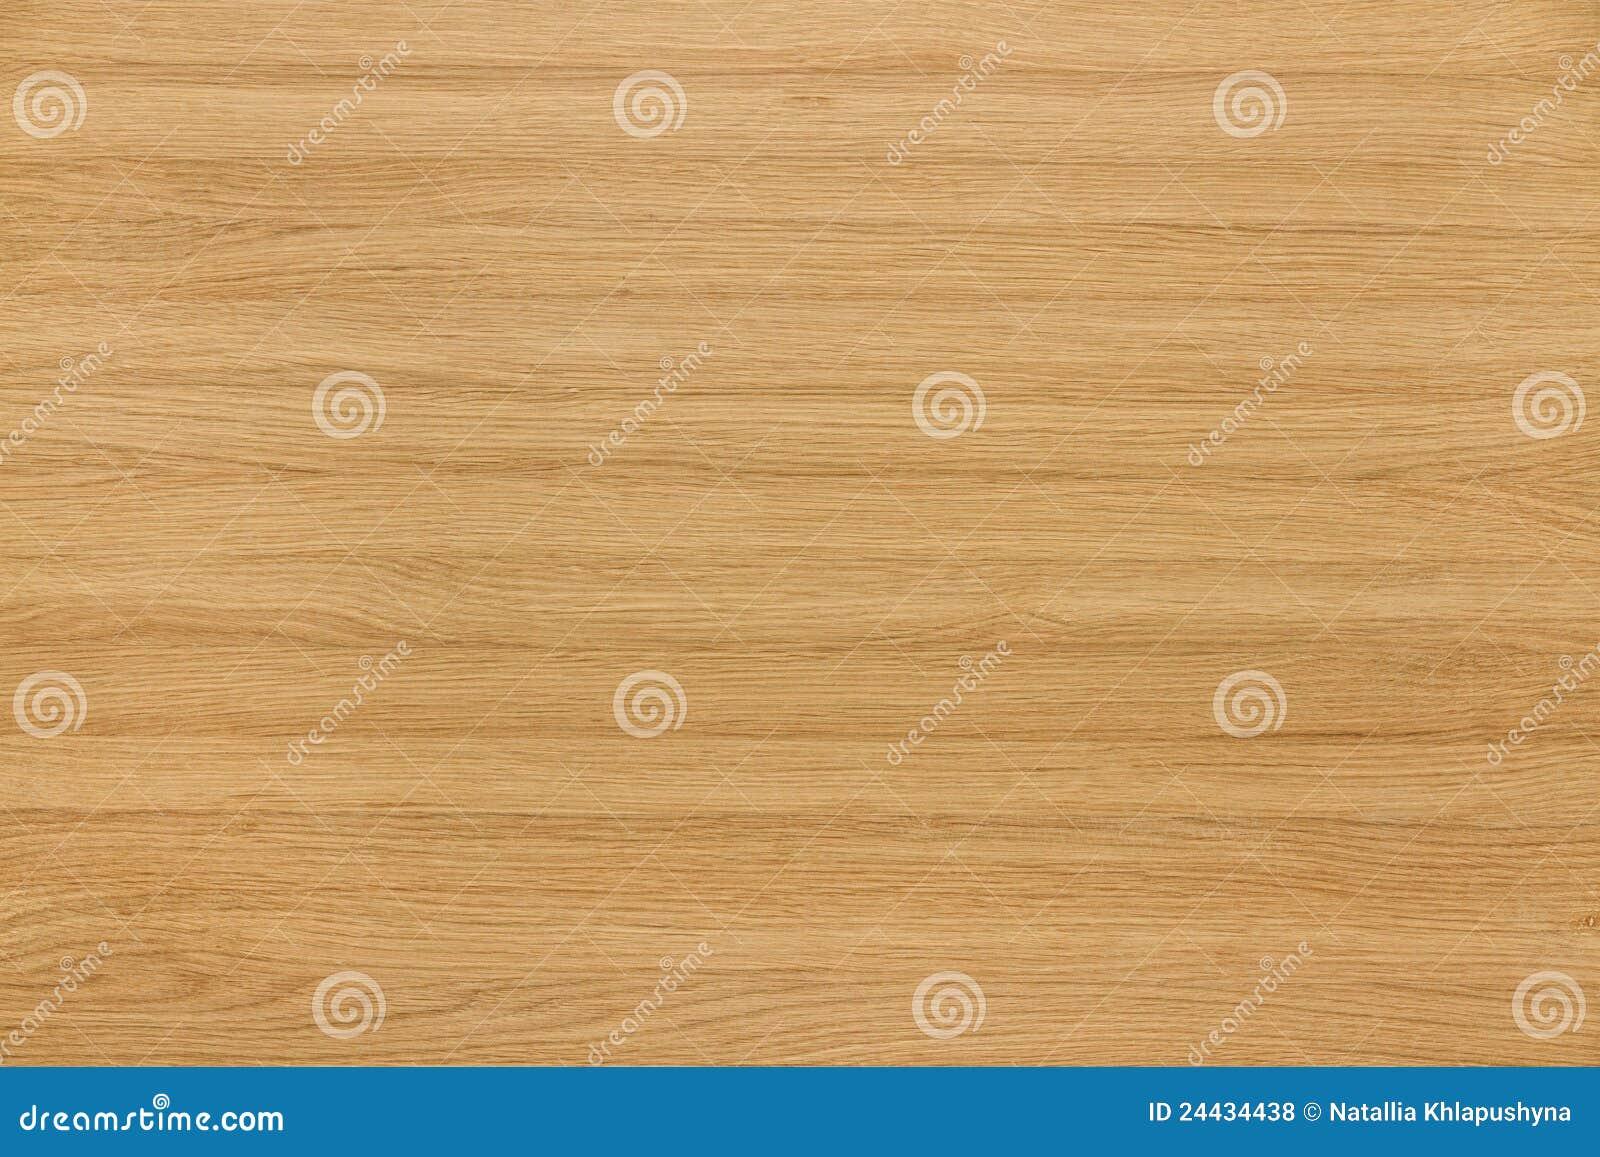 Naturligt oaktexturträ